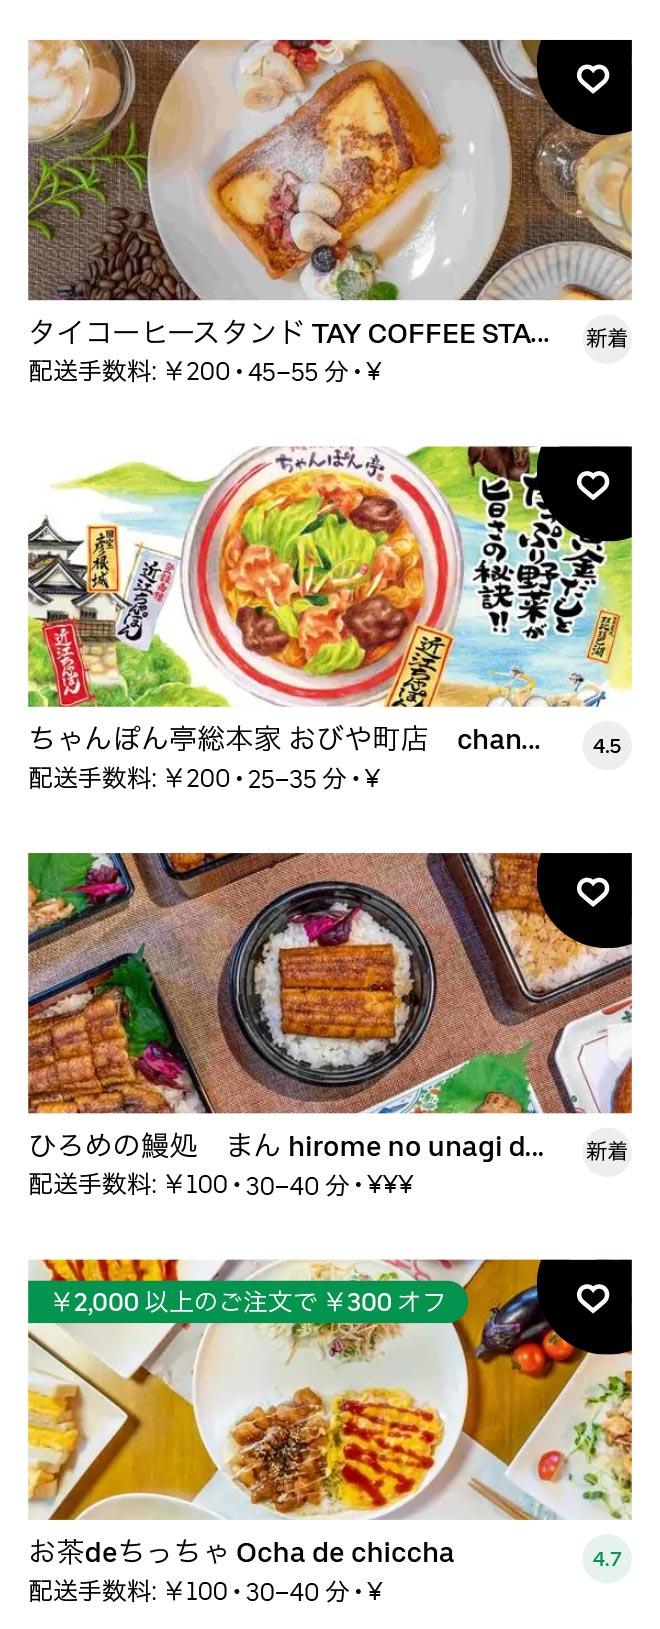 U kouchi asahi 2103 06